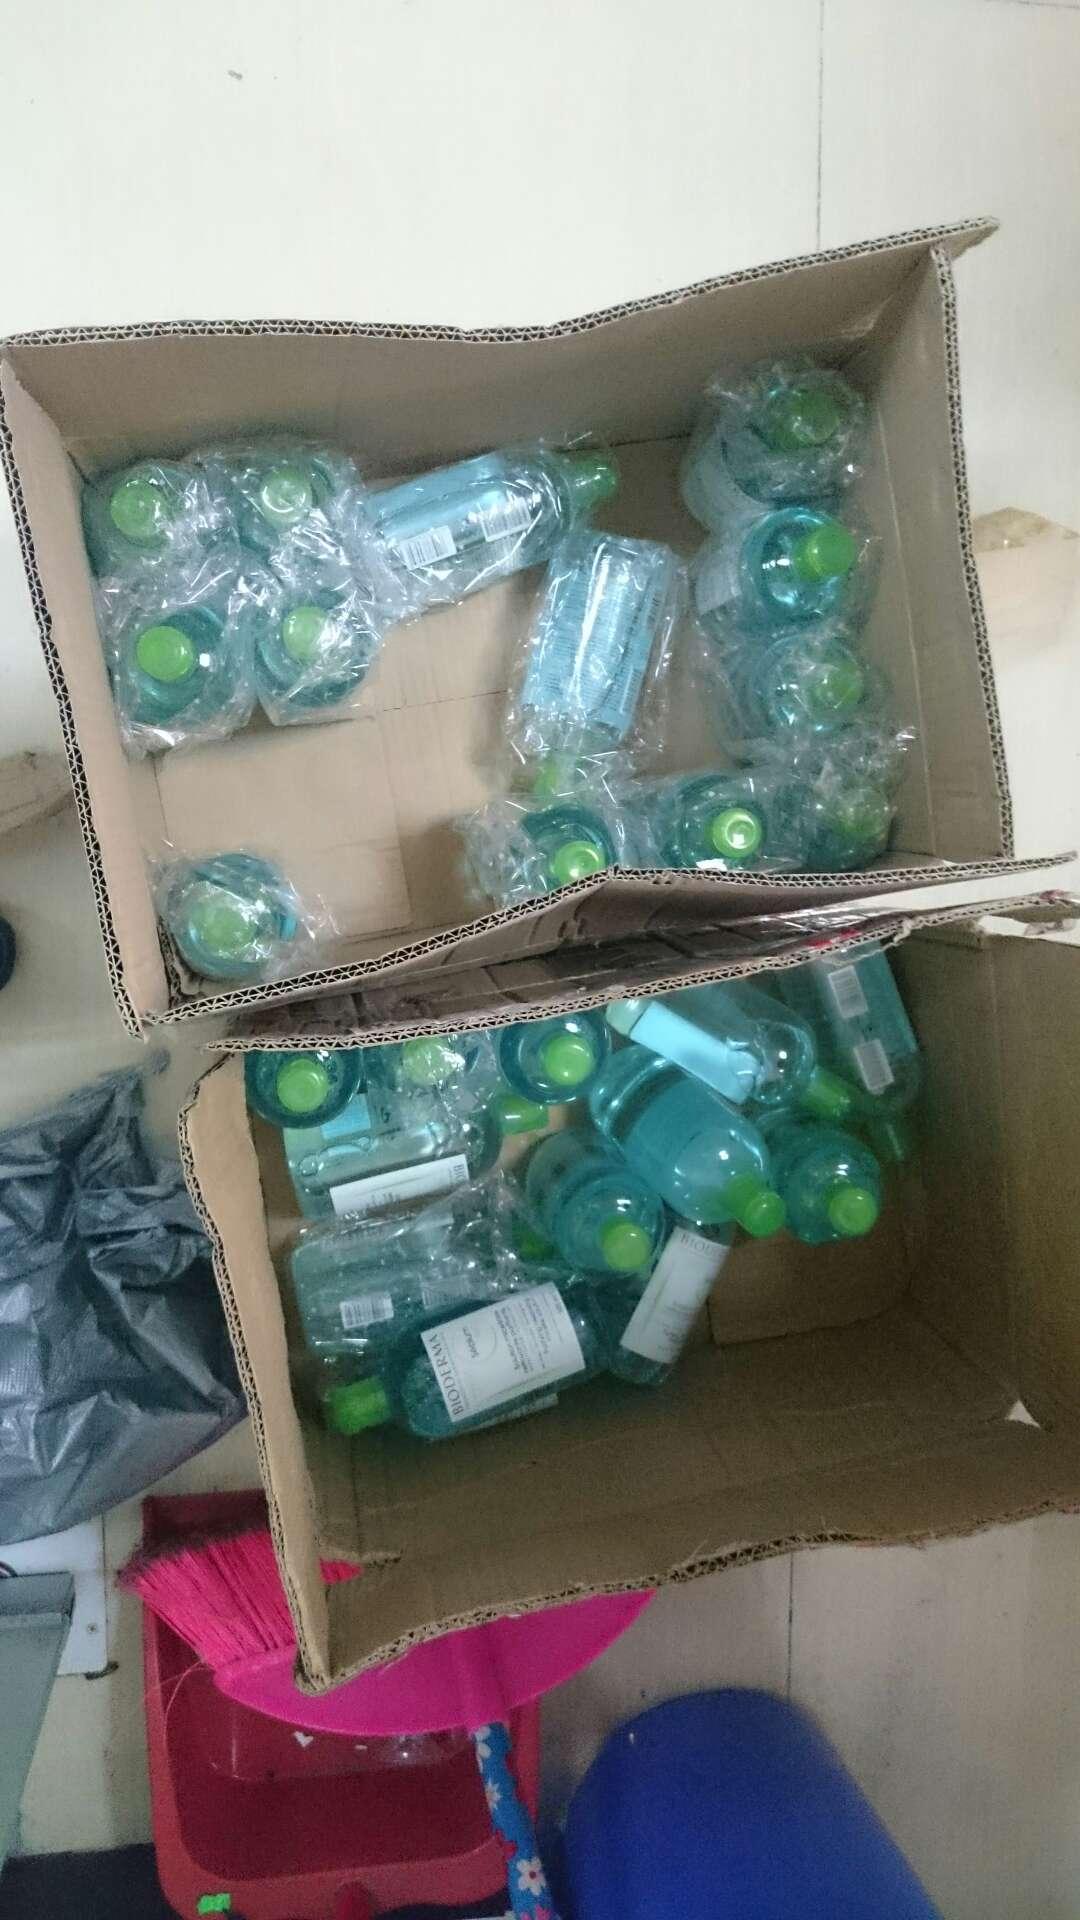 """在唐某位于广东市内的办公室,警方查获的假冒""""贝德玛""""牌卸妆水 (2)"""